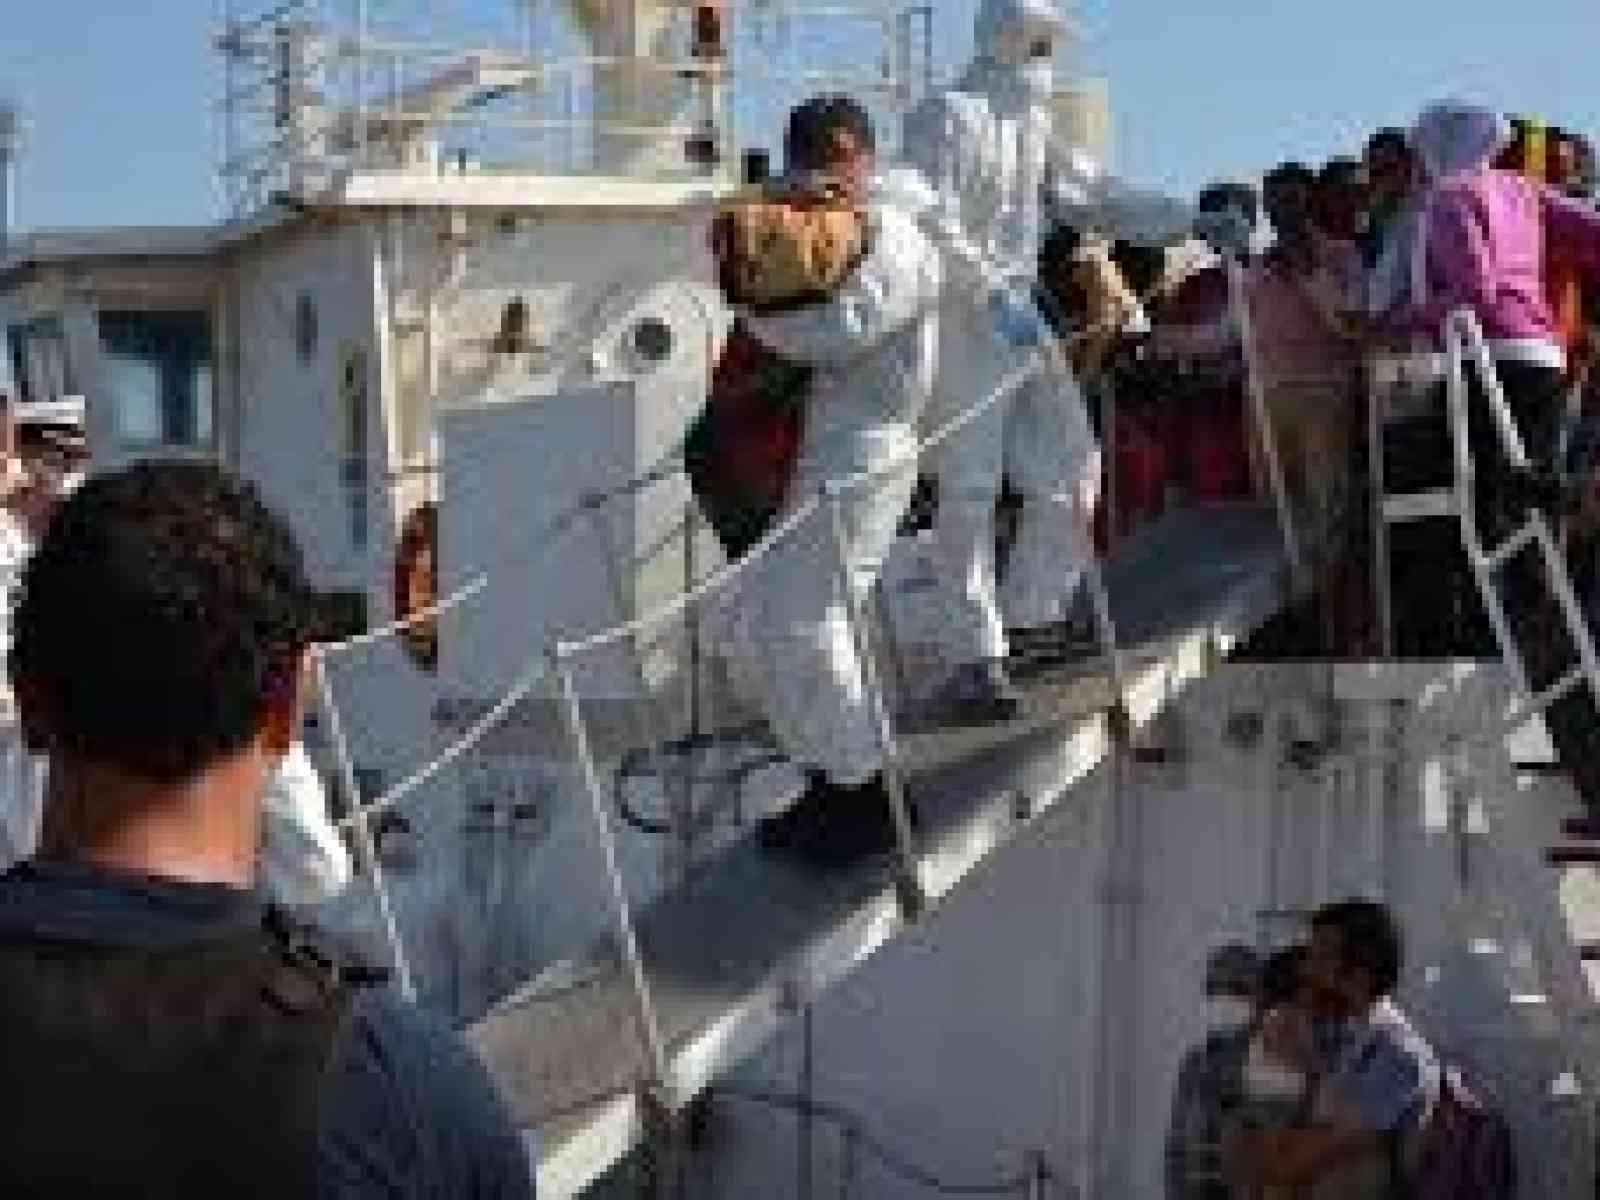 642 migranti arrivati a Porto Empedocle. 2165 dall'inizio dell'anno